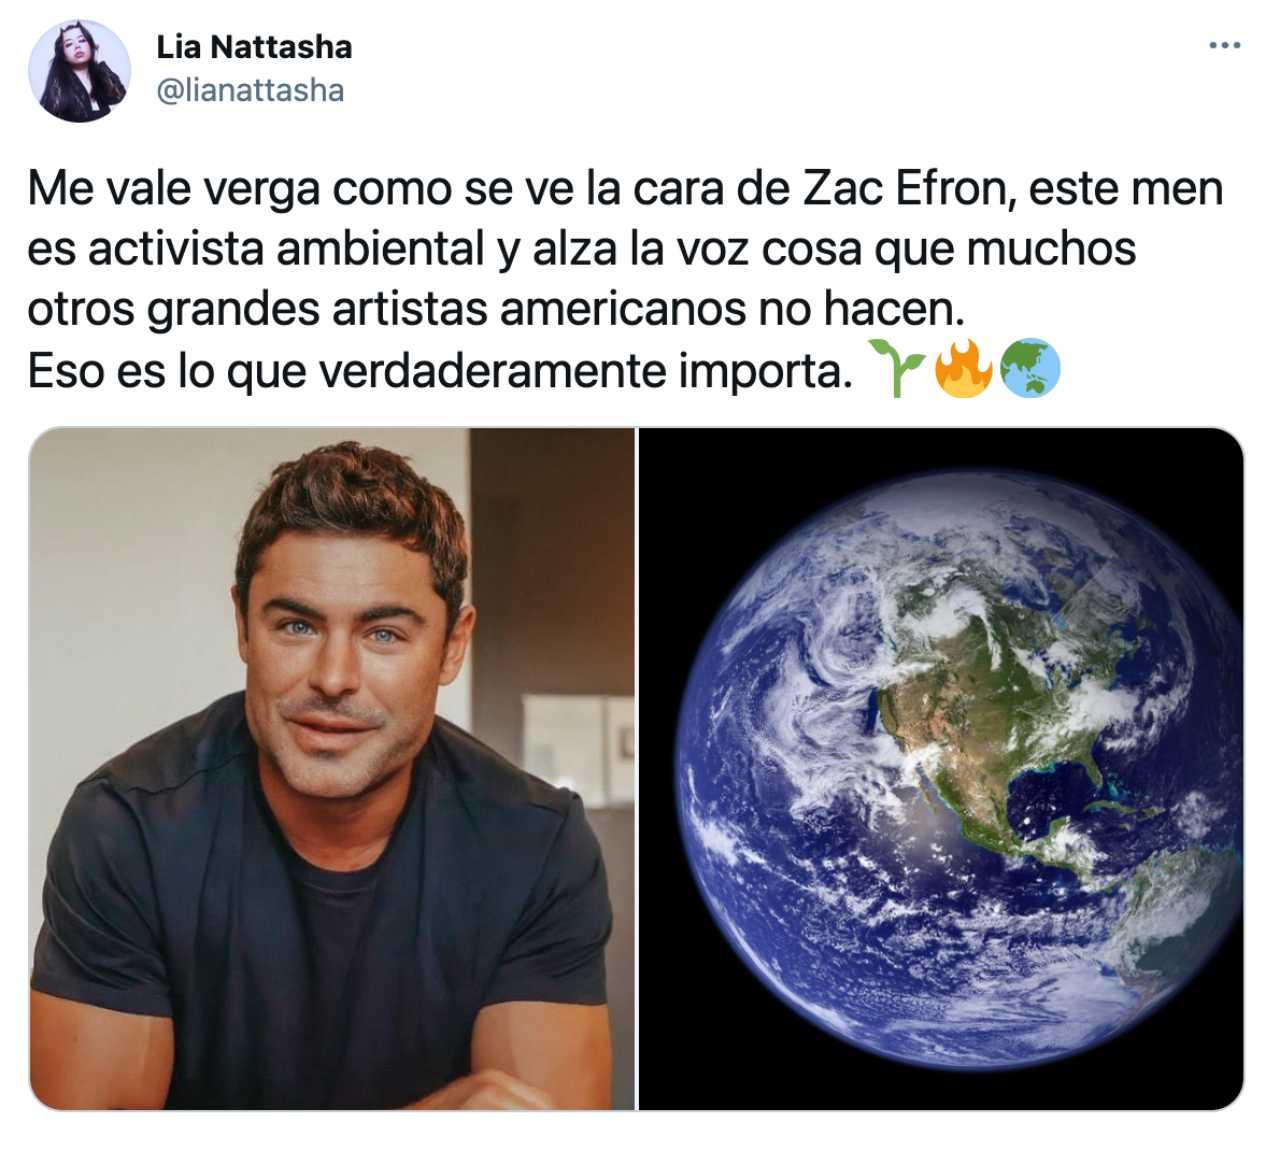 Meme de Zac Efron cuidando al planeta Tierra